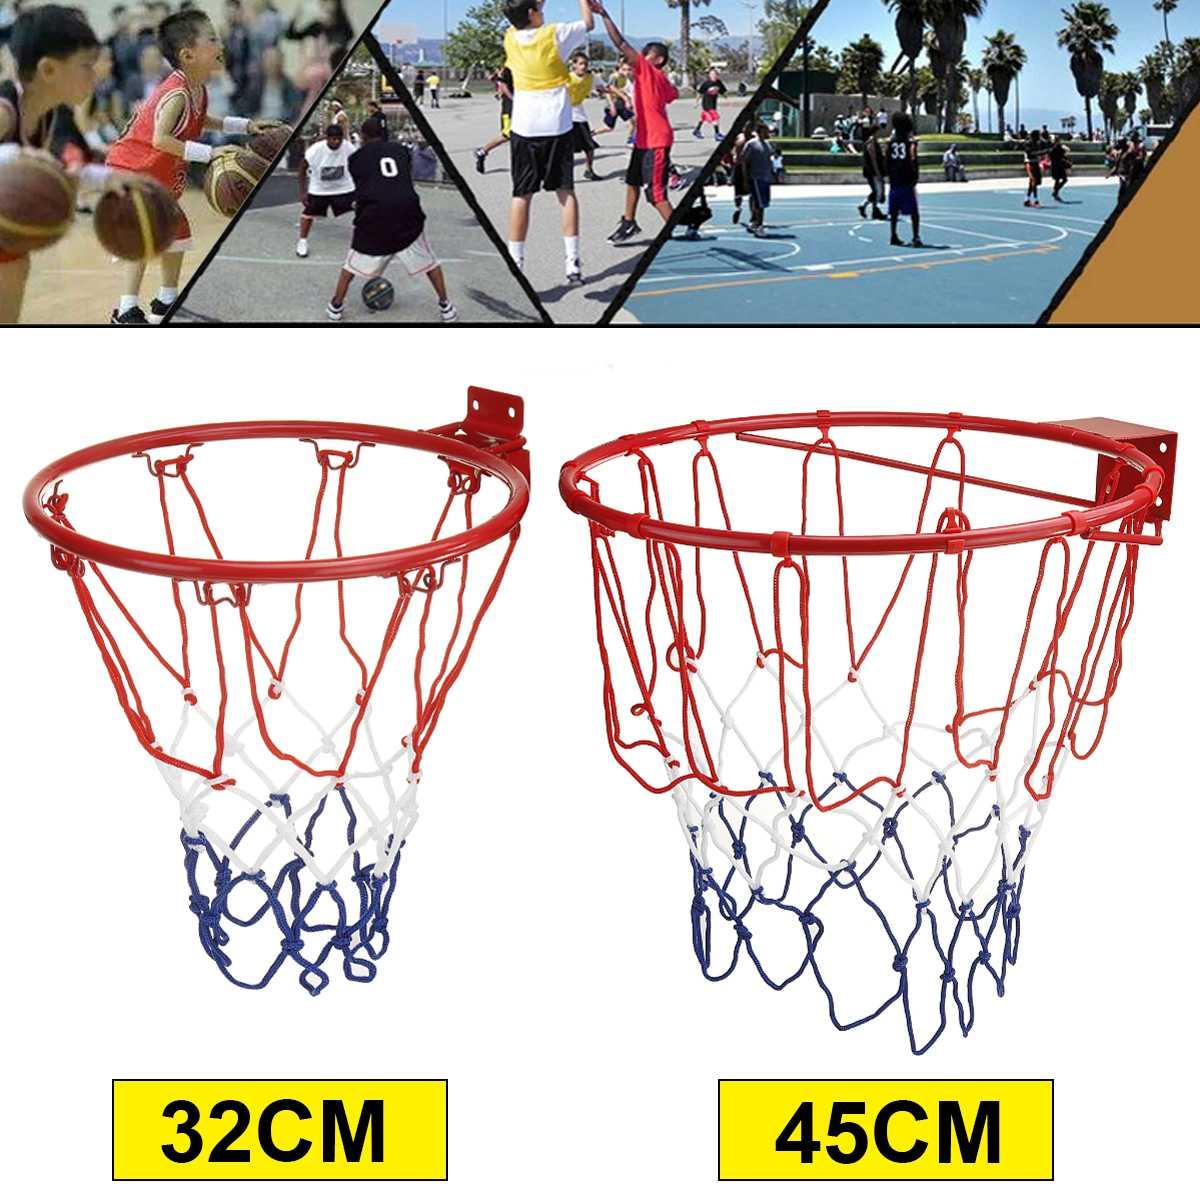 Стальная сетка-обруч для баскетбольного кольца, 32/45 см, с винтами